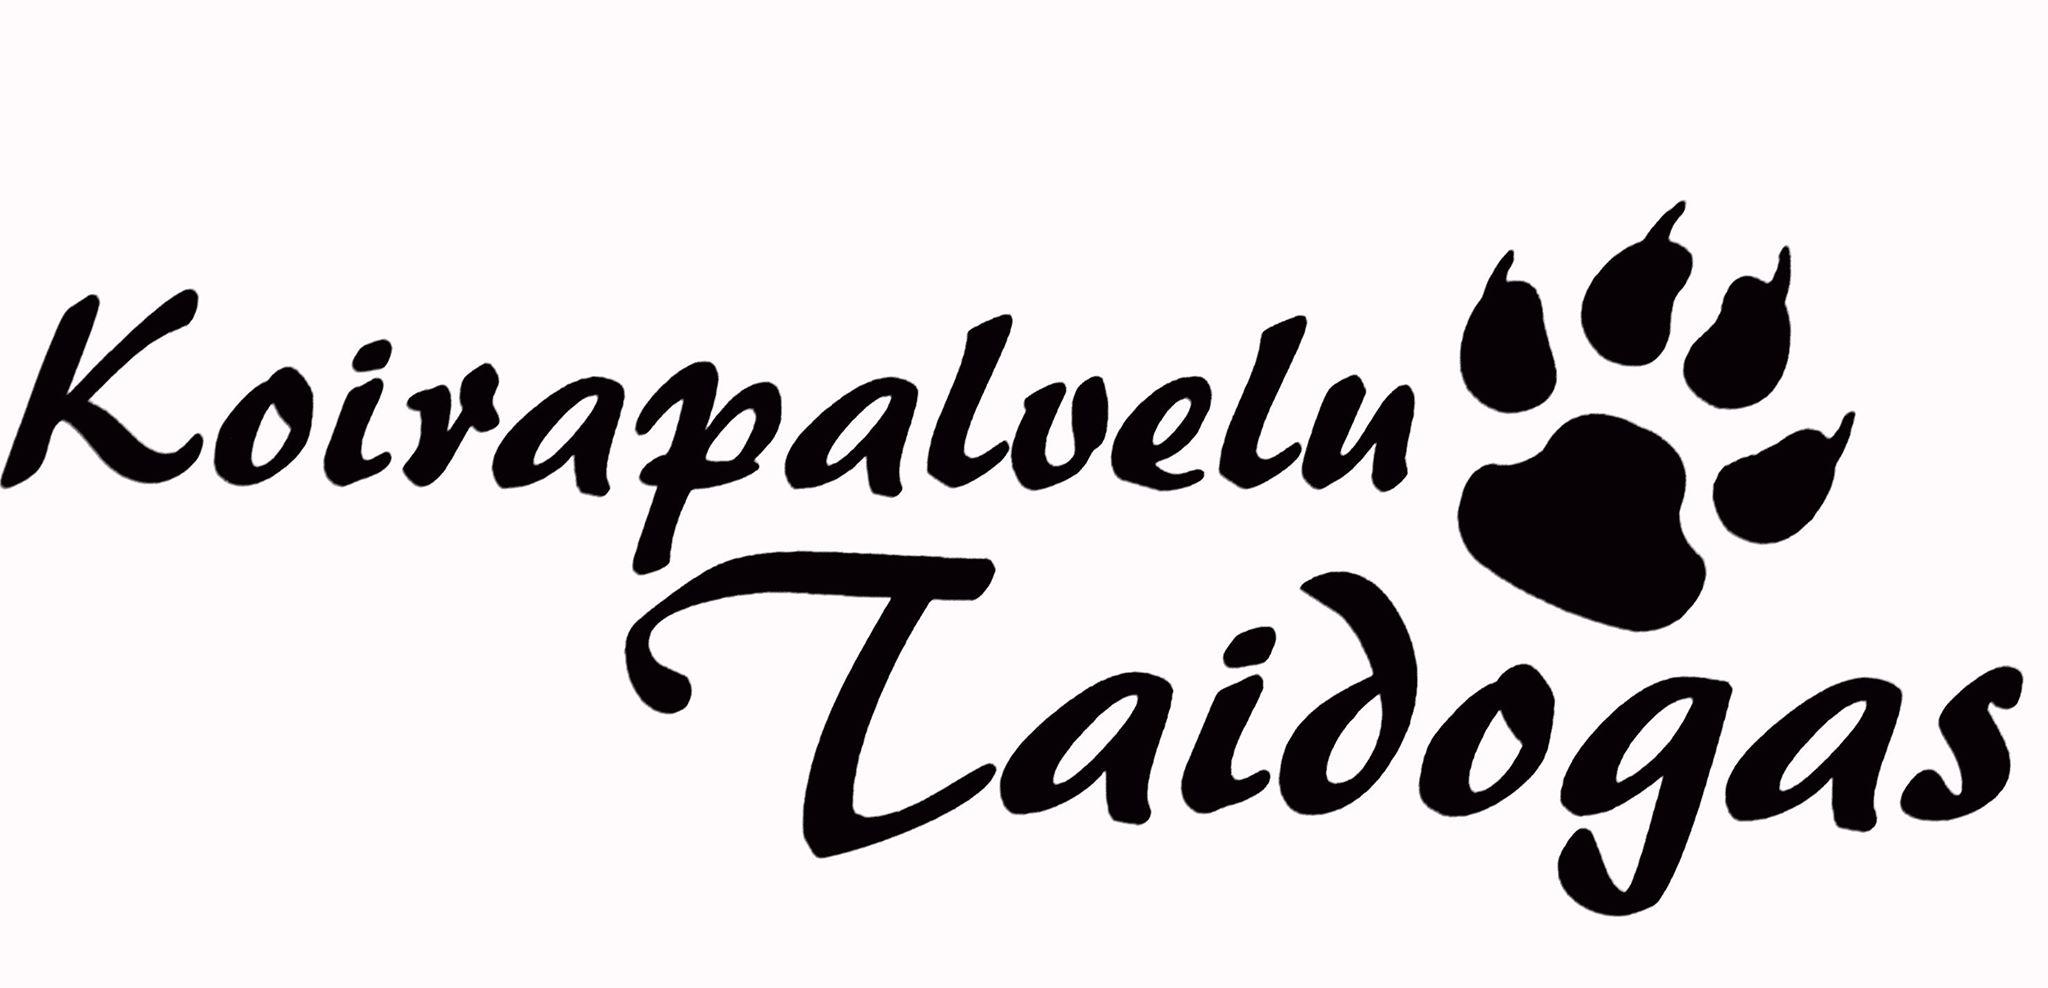 Koirapalvelu Taidogas / Eläinpalvelu Tetrapoda Oy